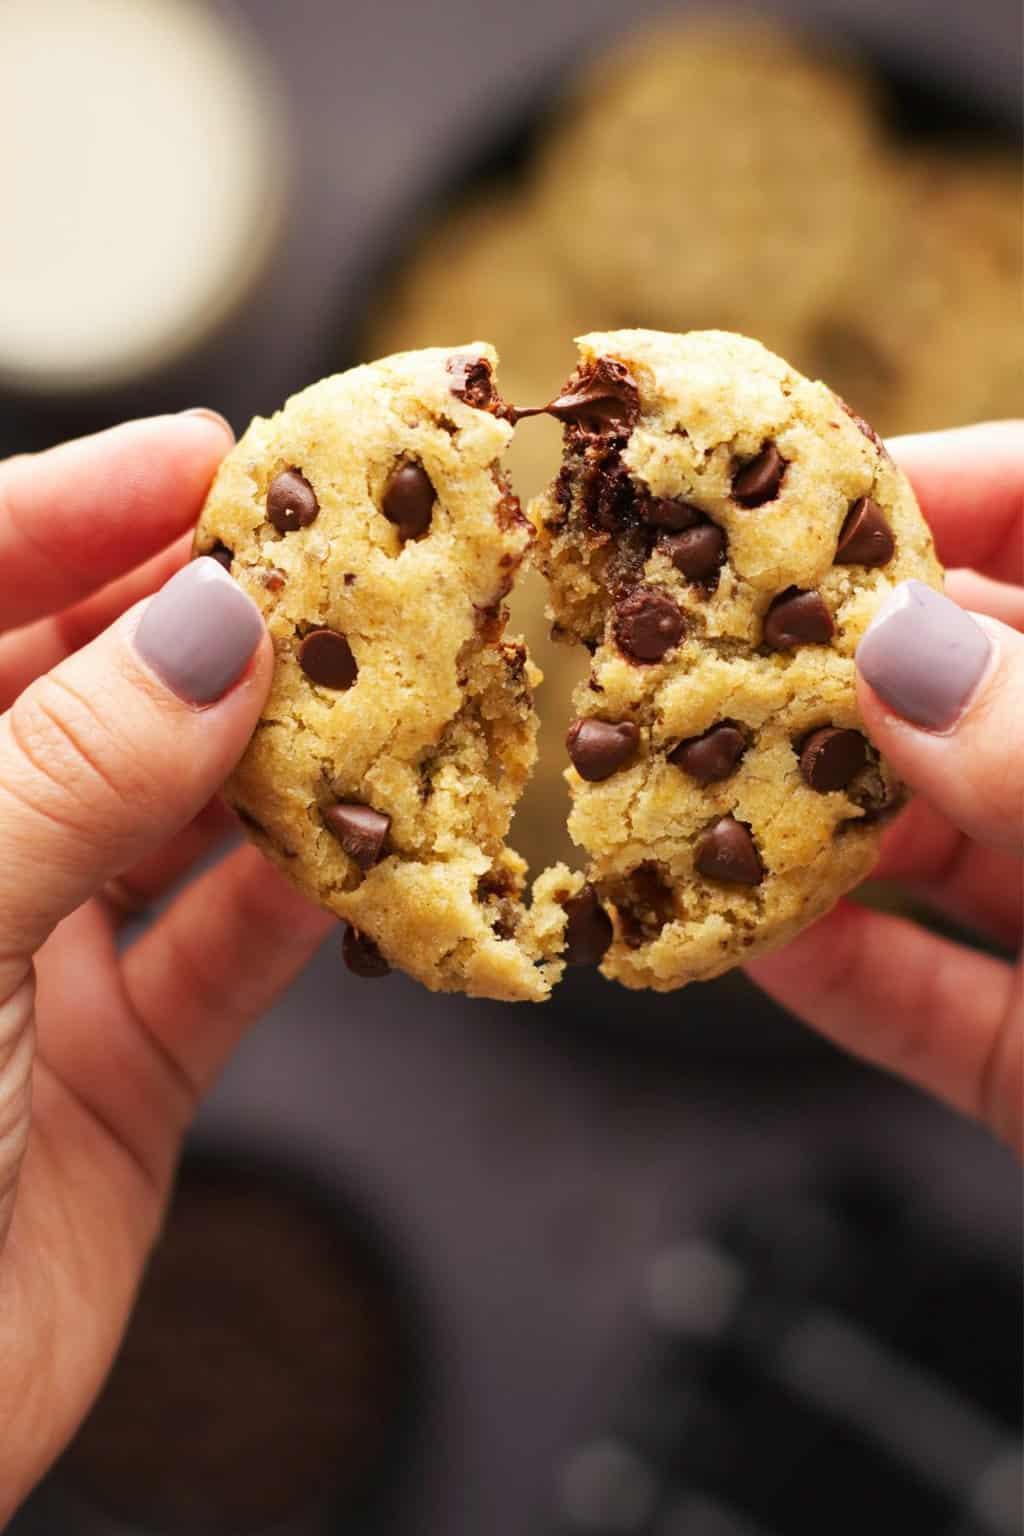 A vegan gluten free chocolate chip cookie being broken in half.